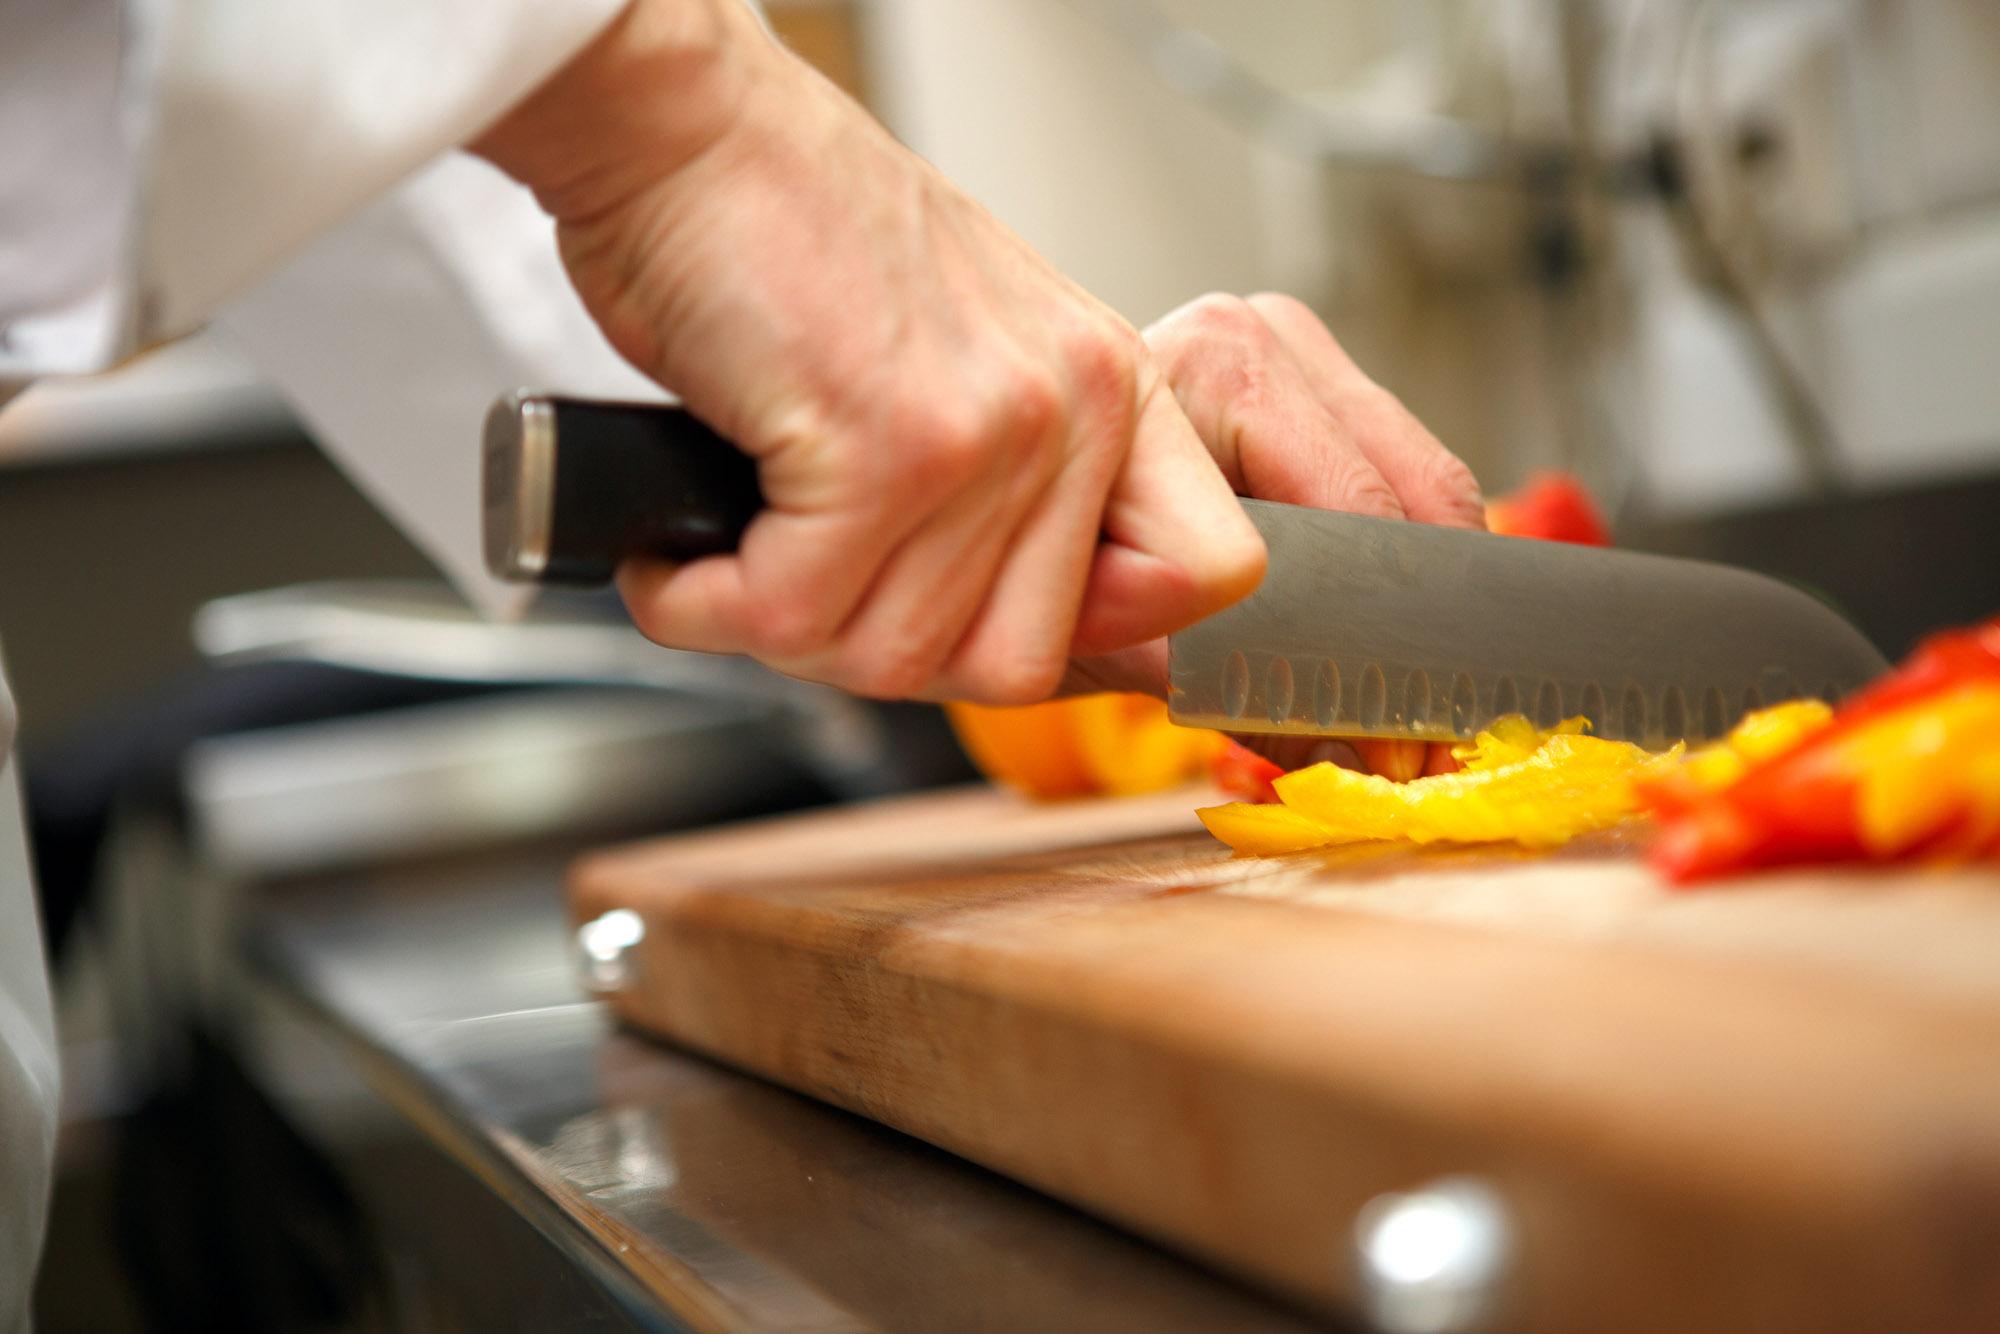 Truck de Chef - food truck Bordeaux - en cuisine